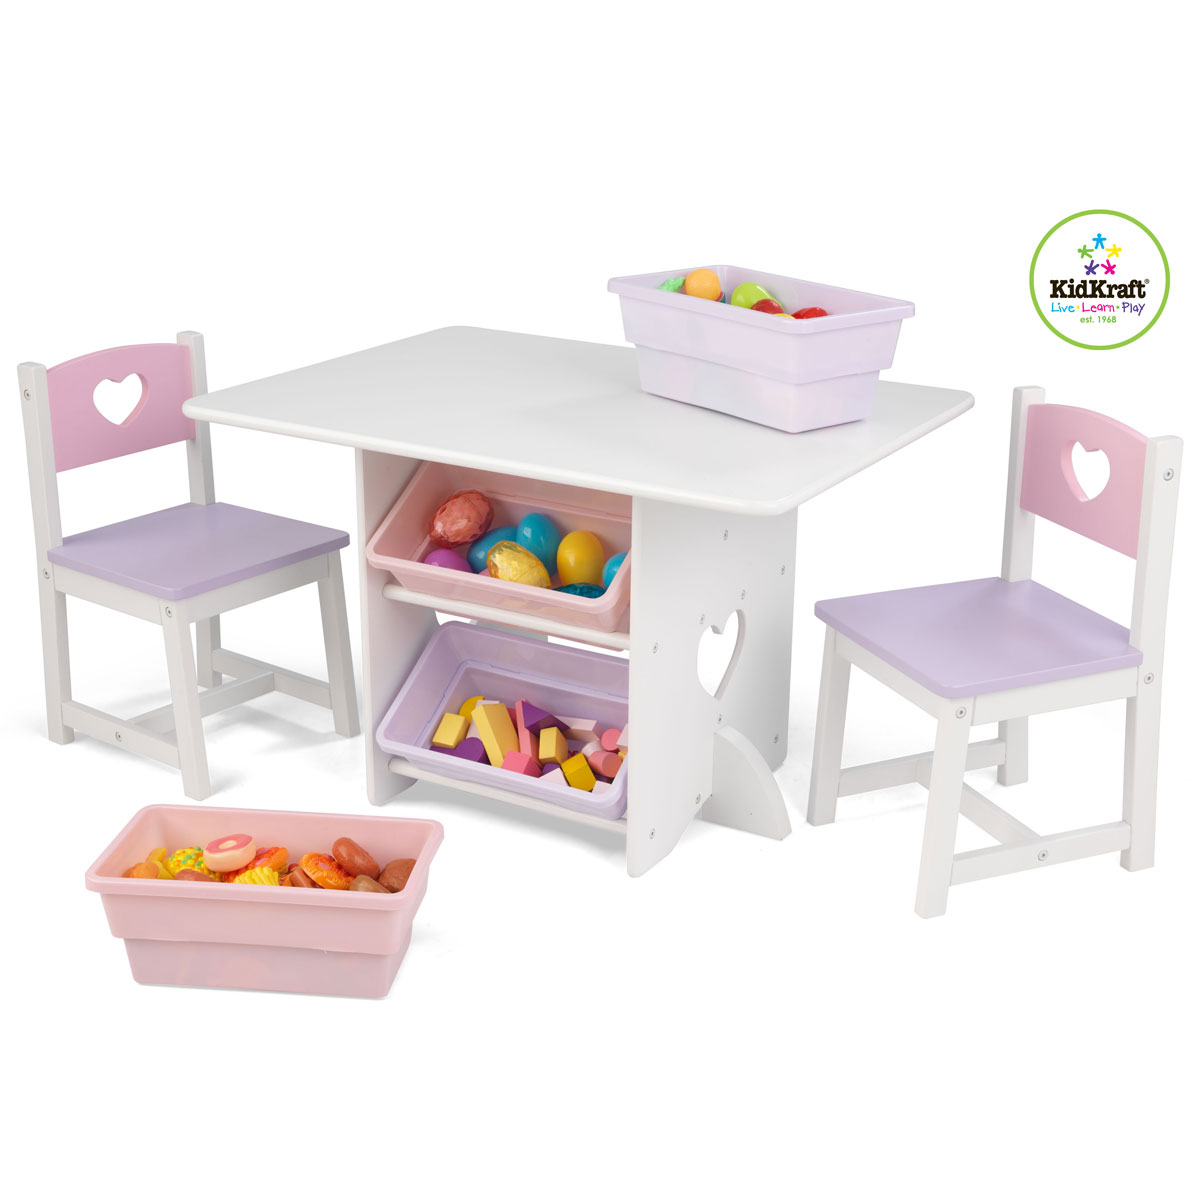 Kidkraft 26913 heart set tavolo e sedia per bambini con for Tavolo e sedia bambini